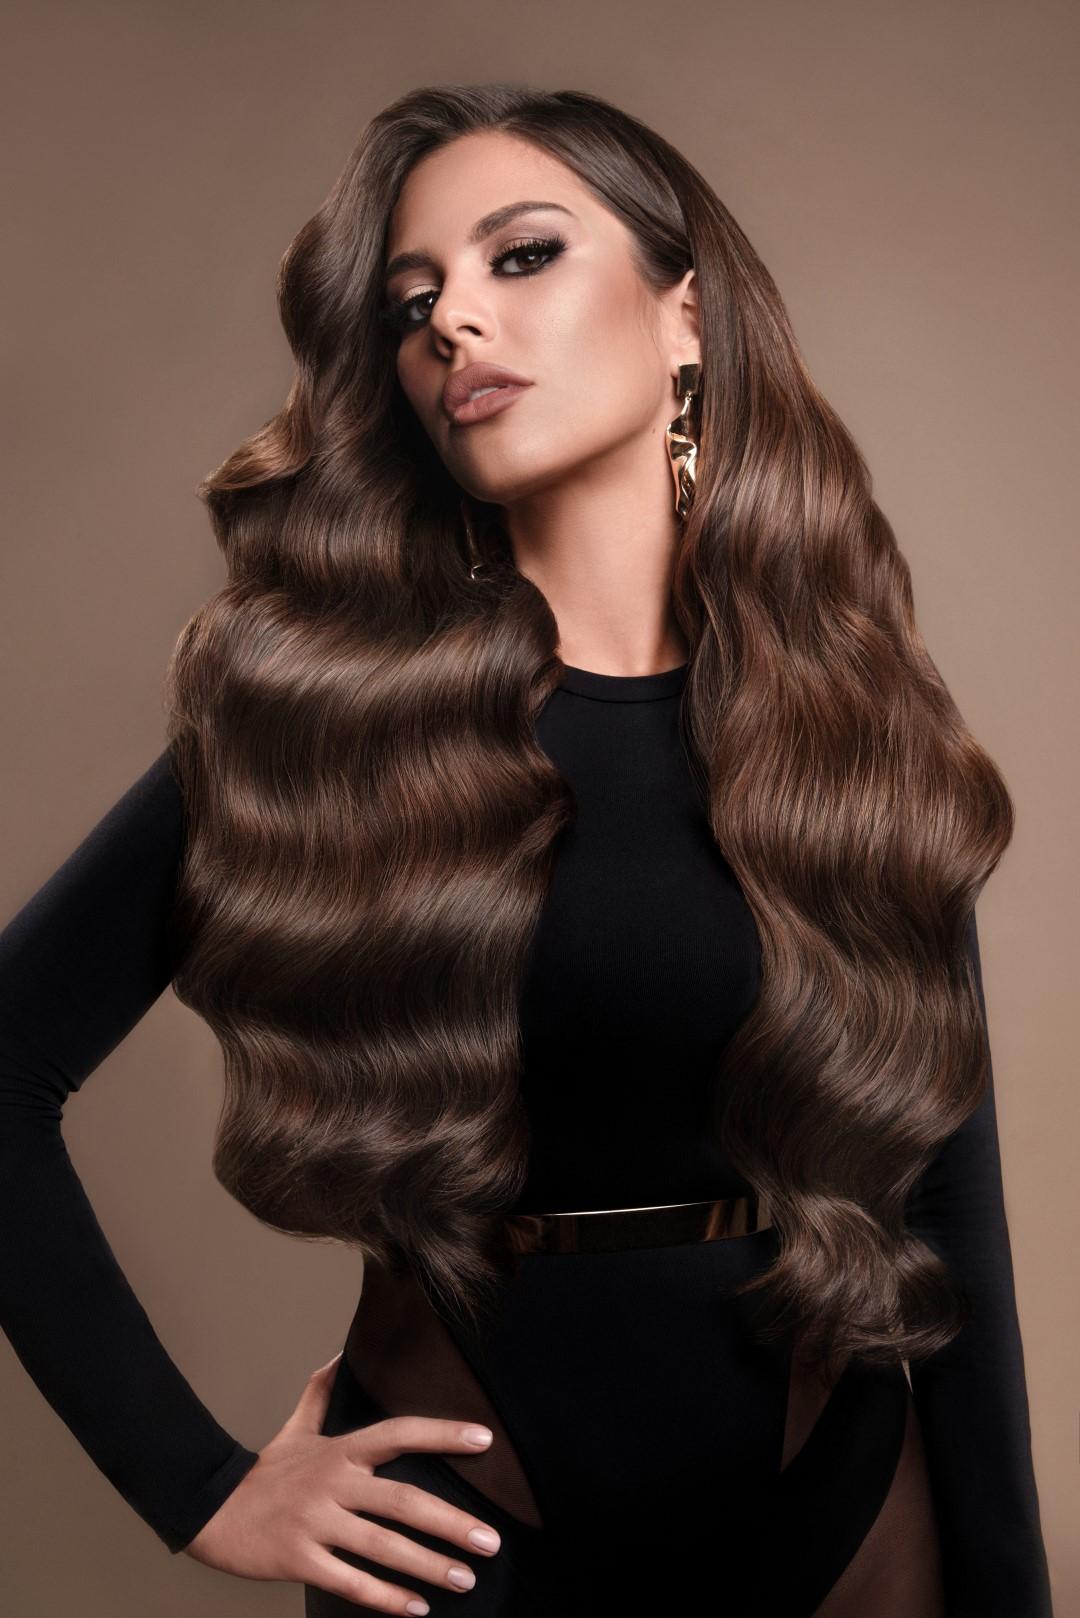 LaRita studio - sjajna i bujna kosa kao zaštitni znak svake njegovane žene